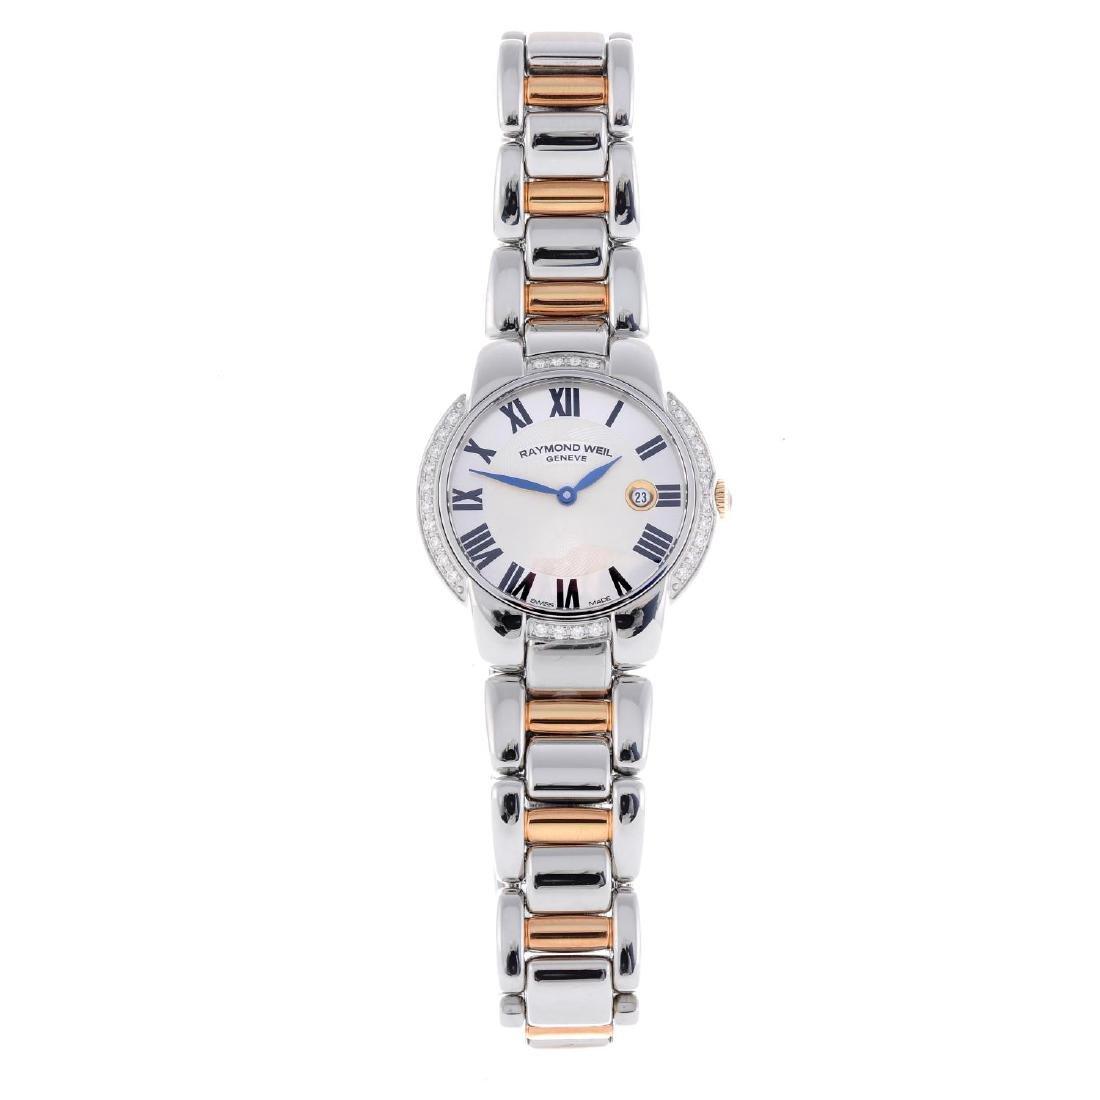 RAYMOND WEIL - a lady's Jasmine bracelet watch.